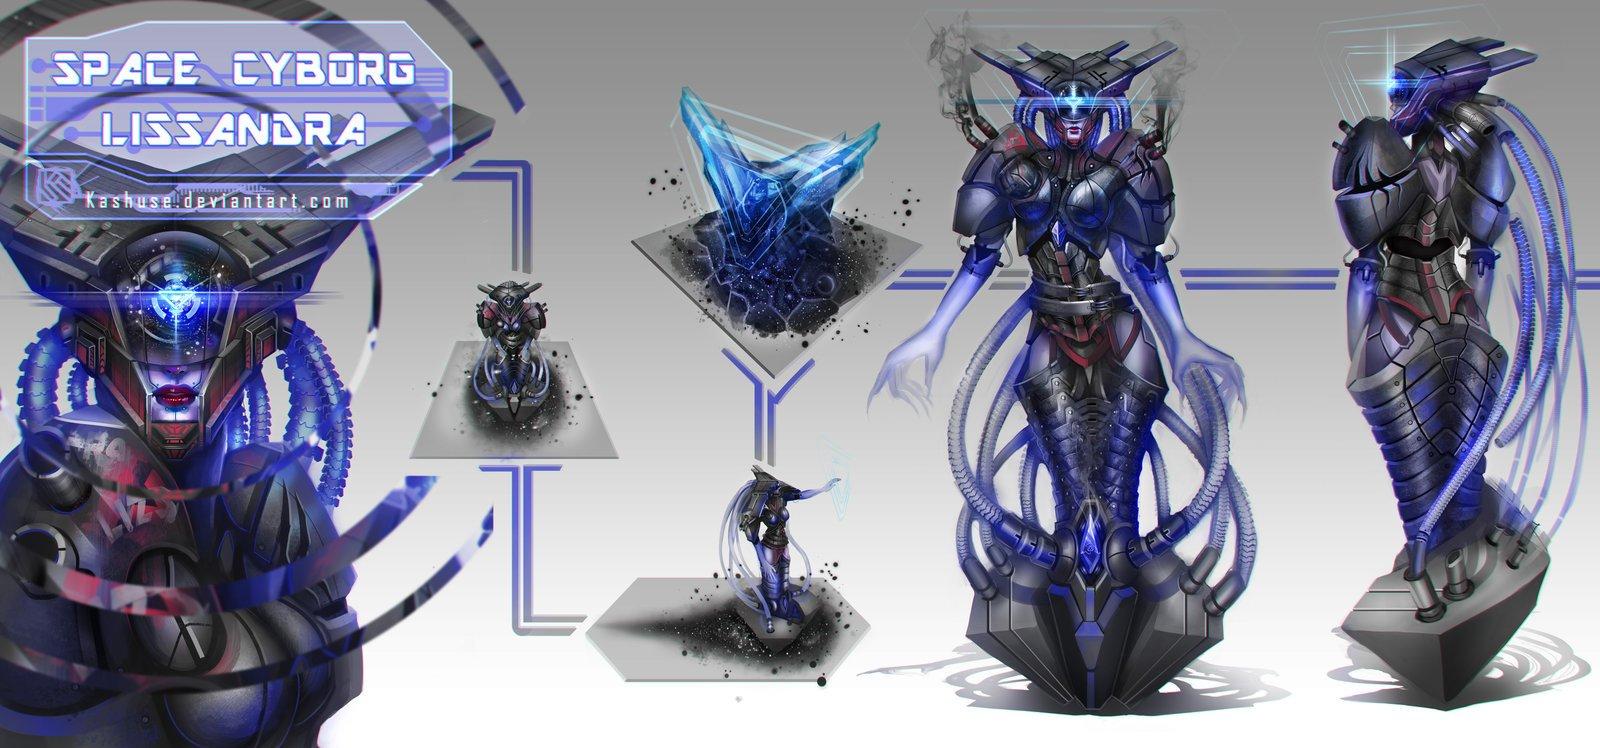 Space Cyborg Lissandra League Of Legends Fan Art